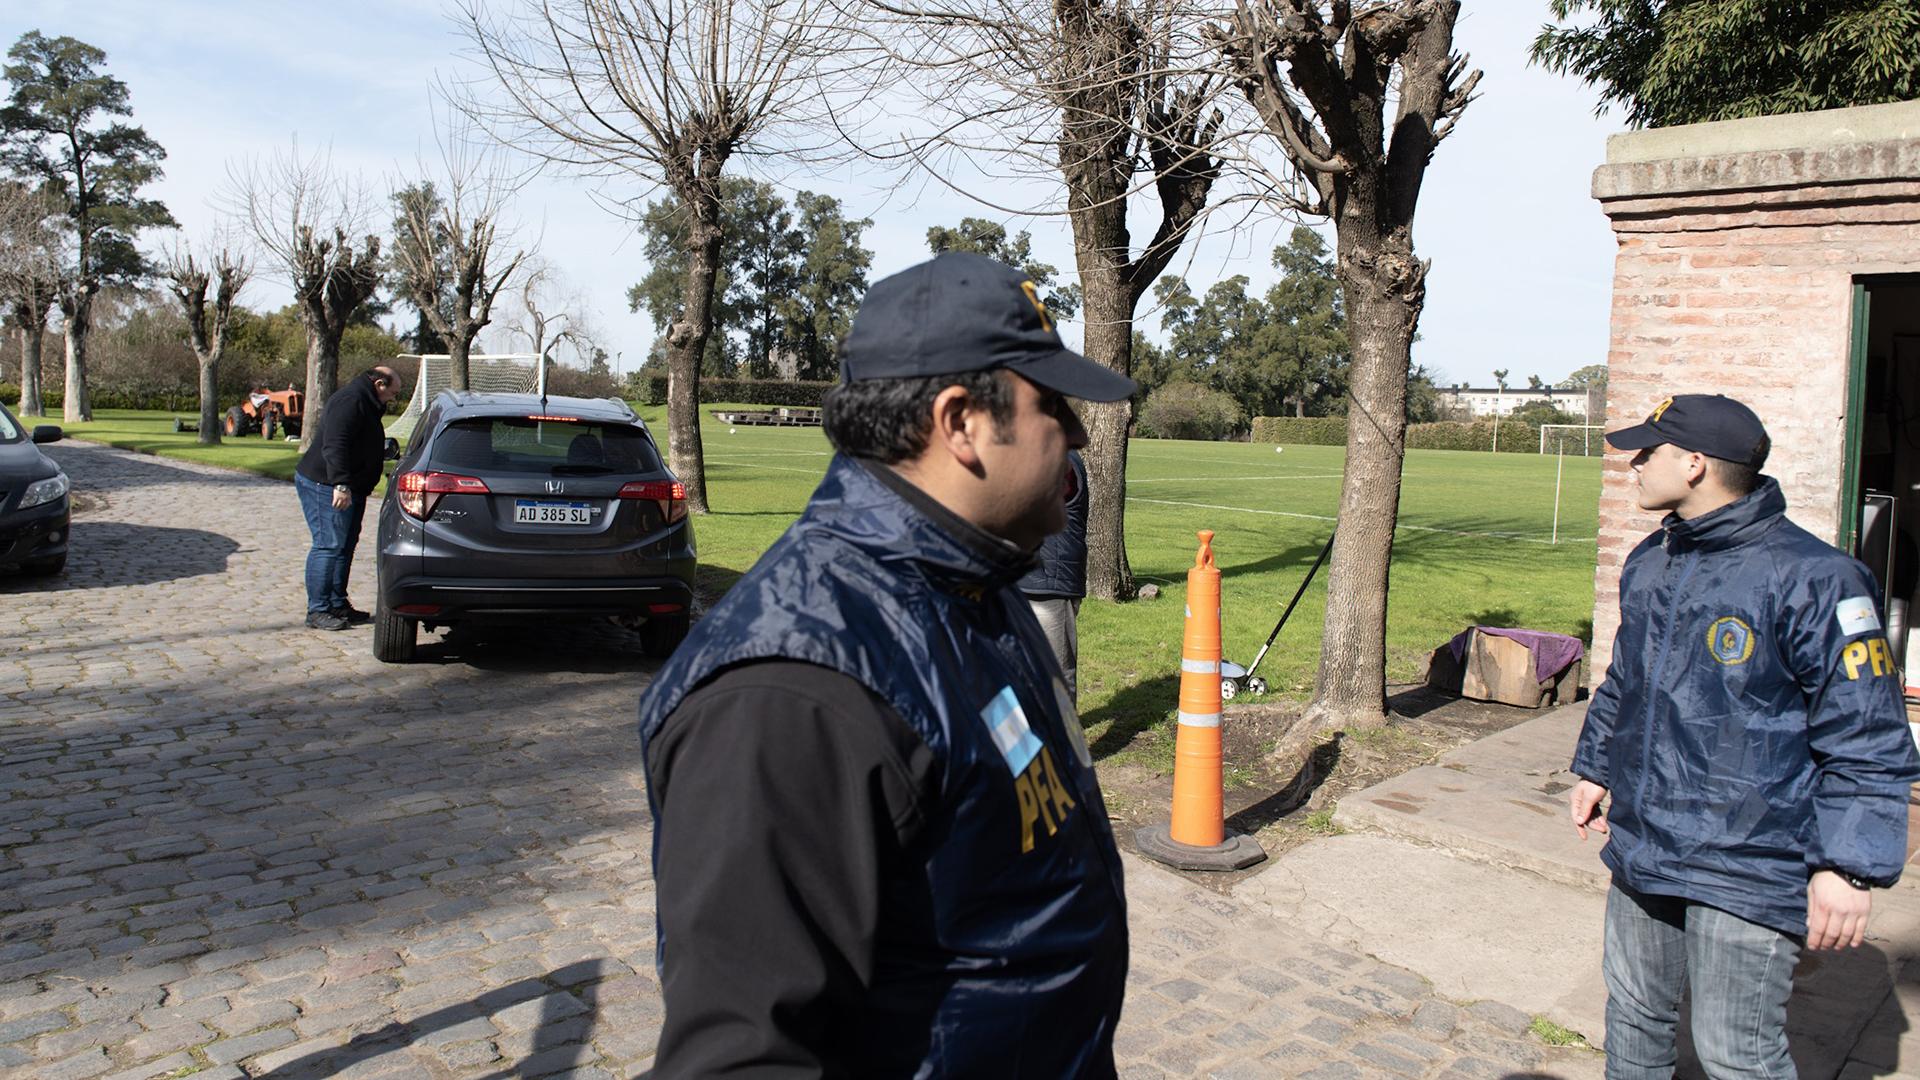 Seguridad de la Policía Federal en Los Abrojos. En el fondo, el automóvil del presidente del Banco Central, Guido Sandleris